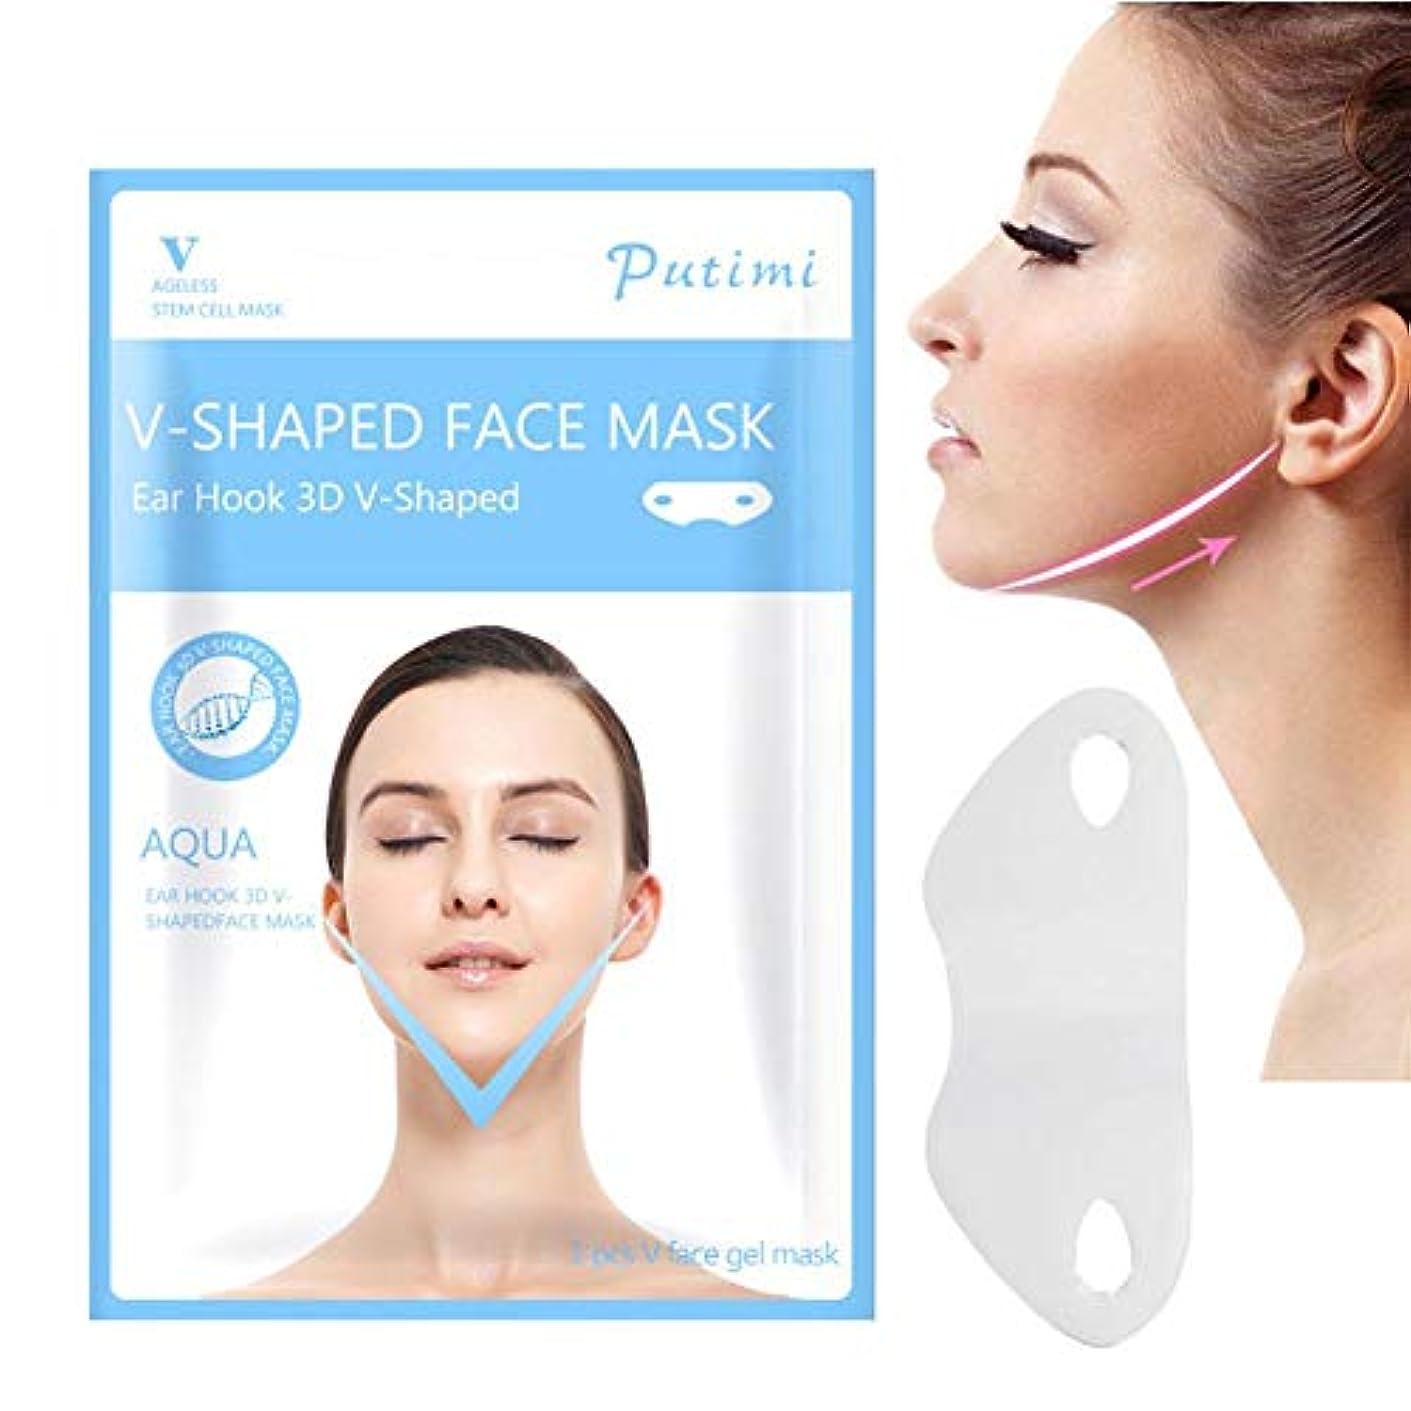 収益時間とともに変位SILUN 最新型 Vフェイシャルマスク フェイスマスク 小顔 マスク フェイスラインベルト 美顔 顔痩せ 保湿 血行を促進する 睡眠マスク